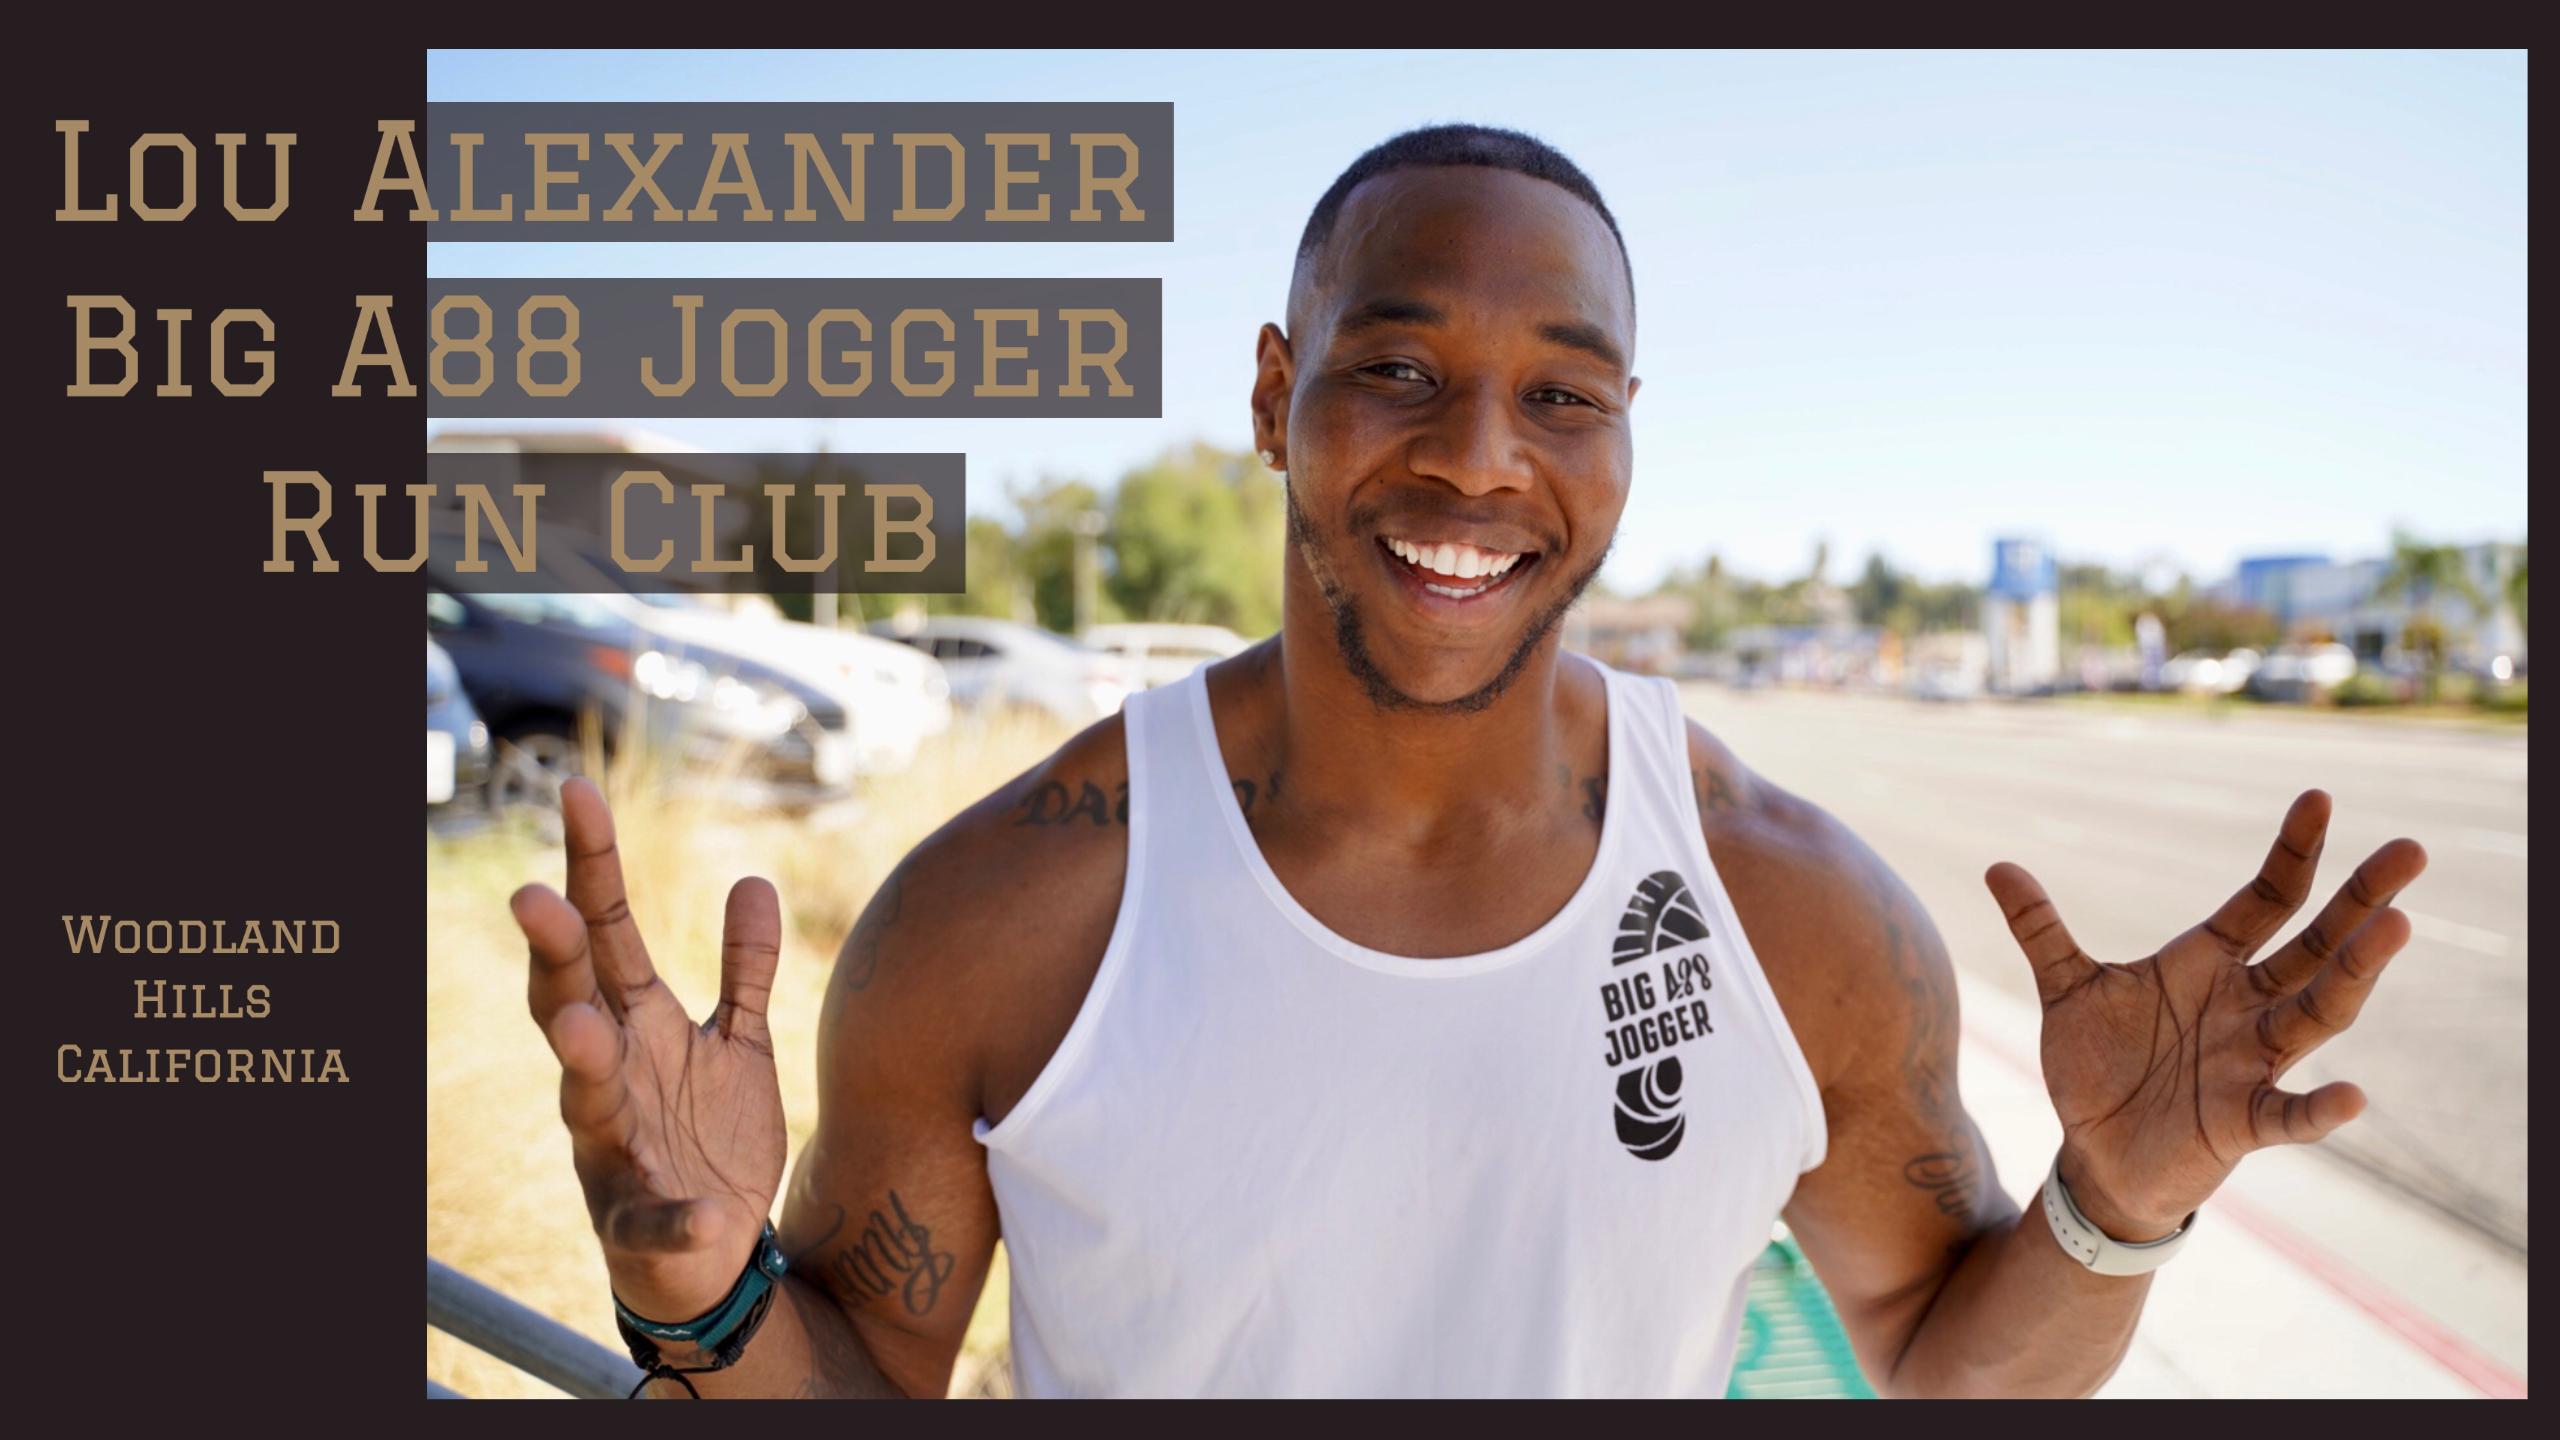 The Big A88 Jogger Lou Alexander